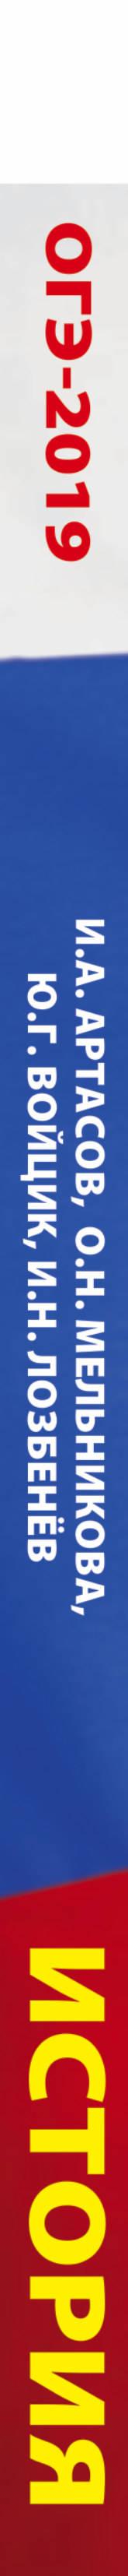 ОГЭ-2019. История. 20 тренировочных экзаменационных вариантов для подготовки к ОГЭ. И. А. Артасов, Ю. Г. Войцик, И. Н. Лозбенев, О. Н. Мельникова